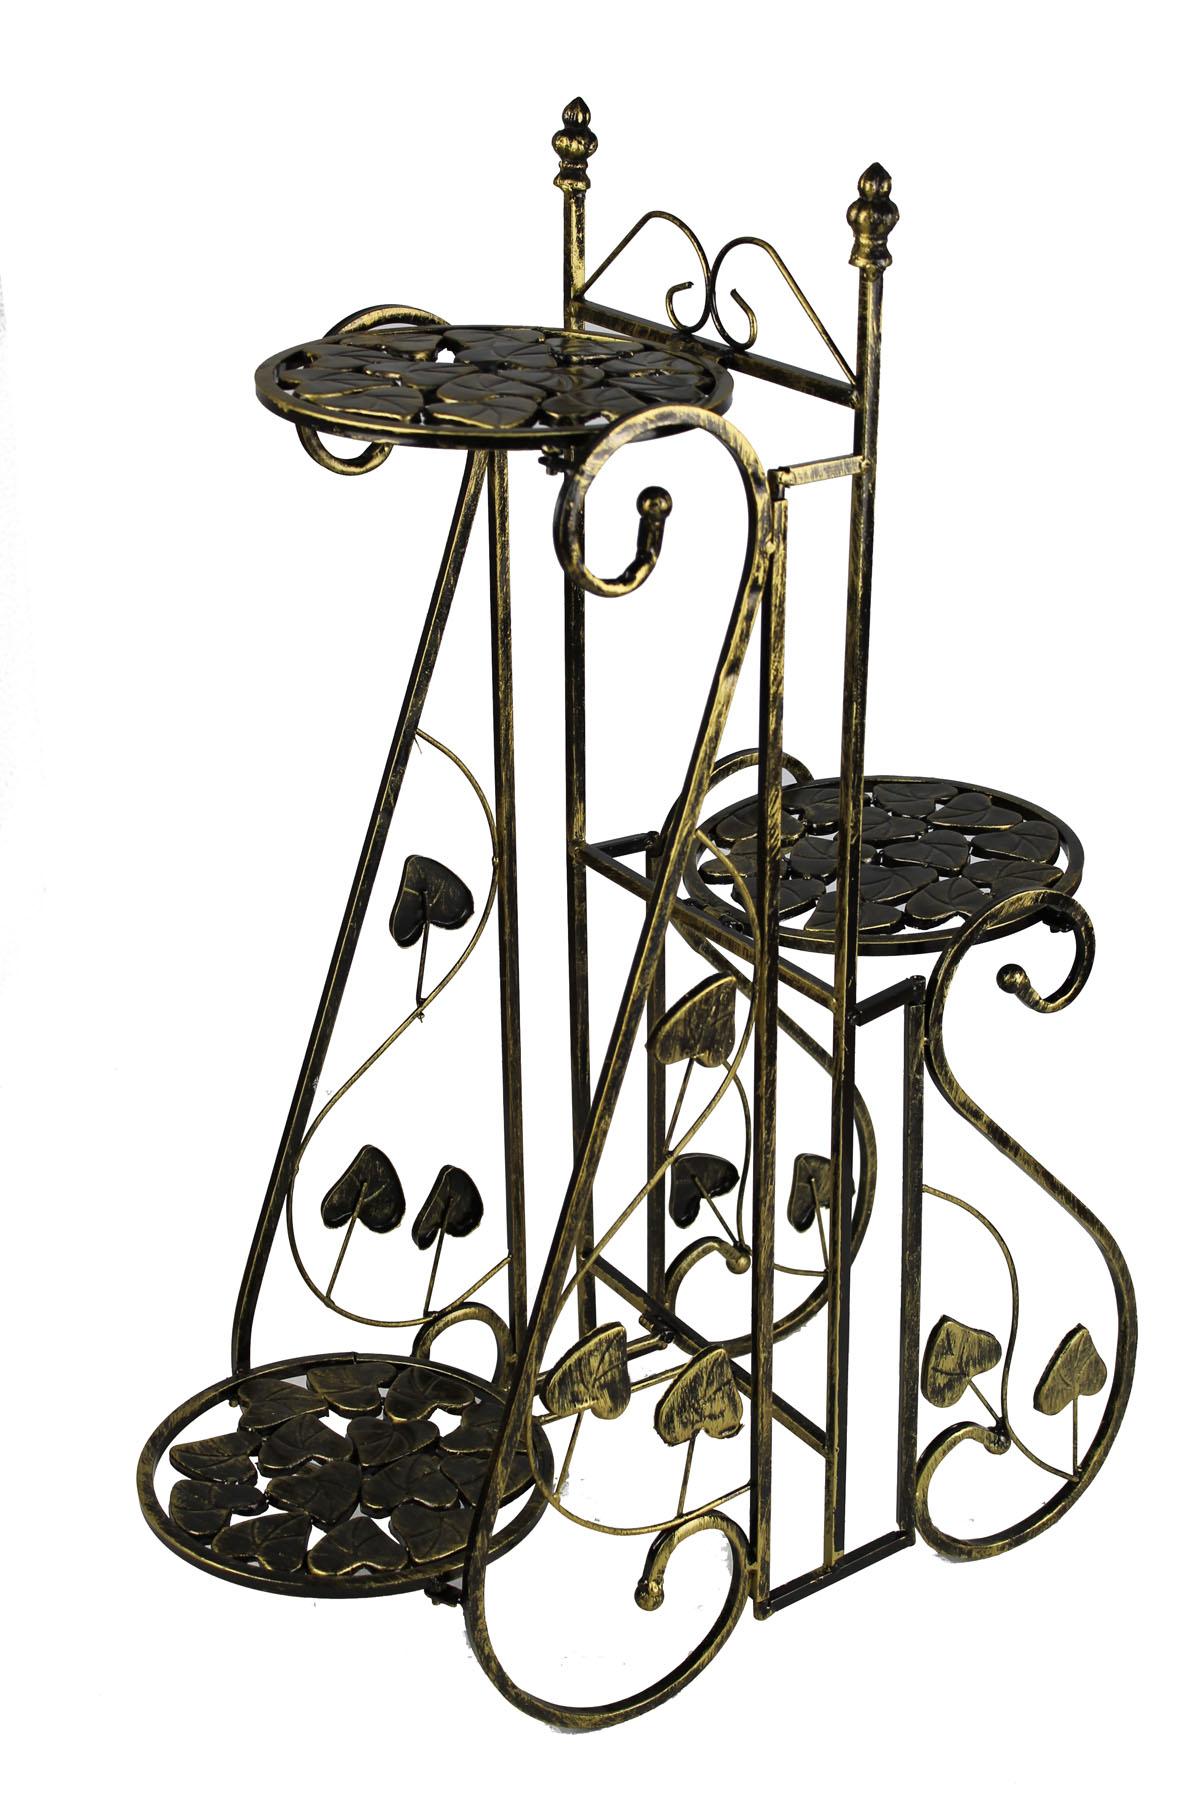 Blumentreppe Blumenampel Eisen Metall Blumenständer Regal Antik  Hocker LN172